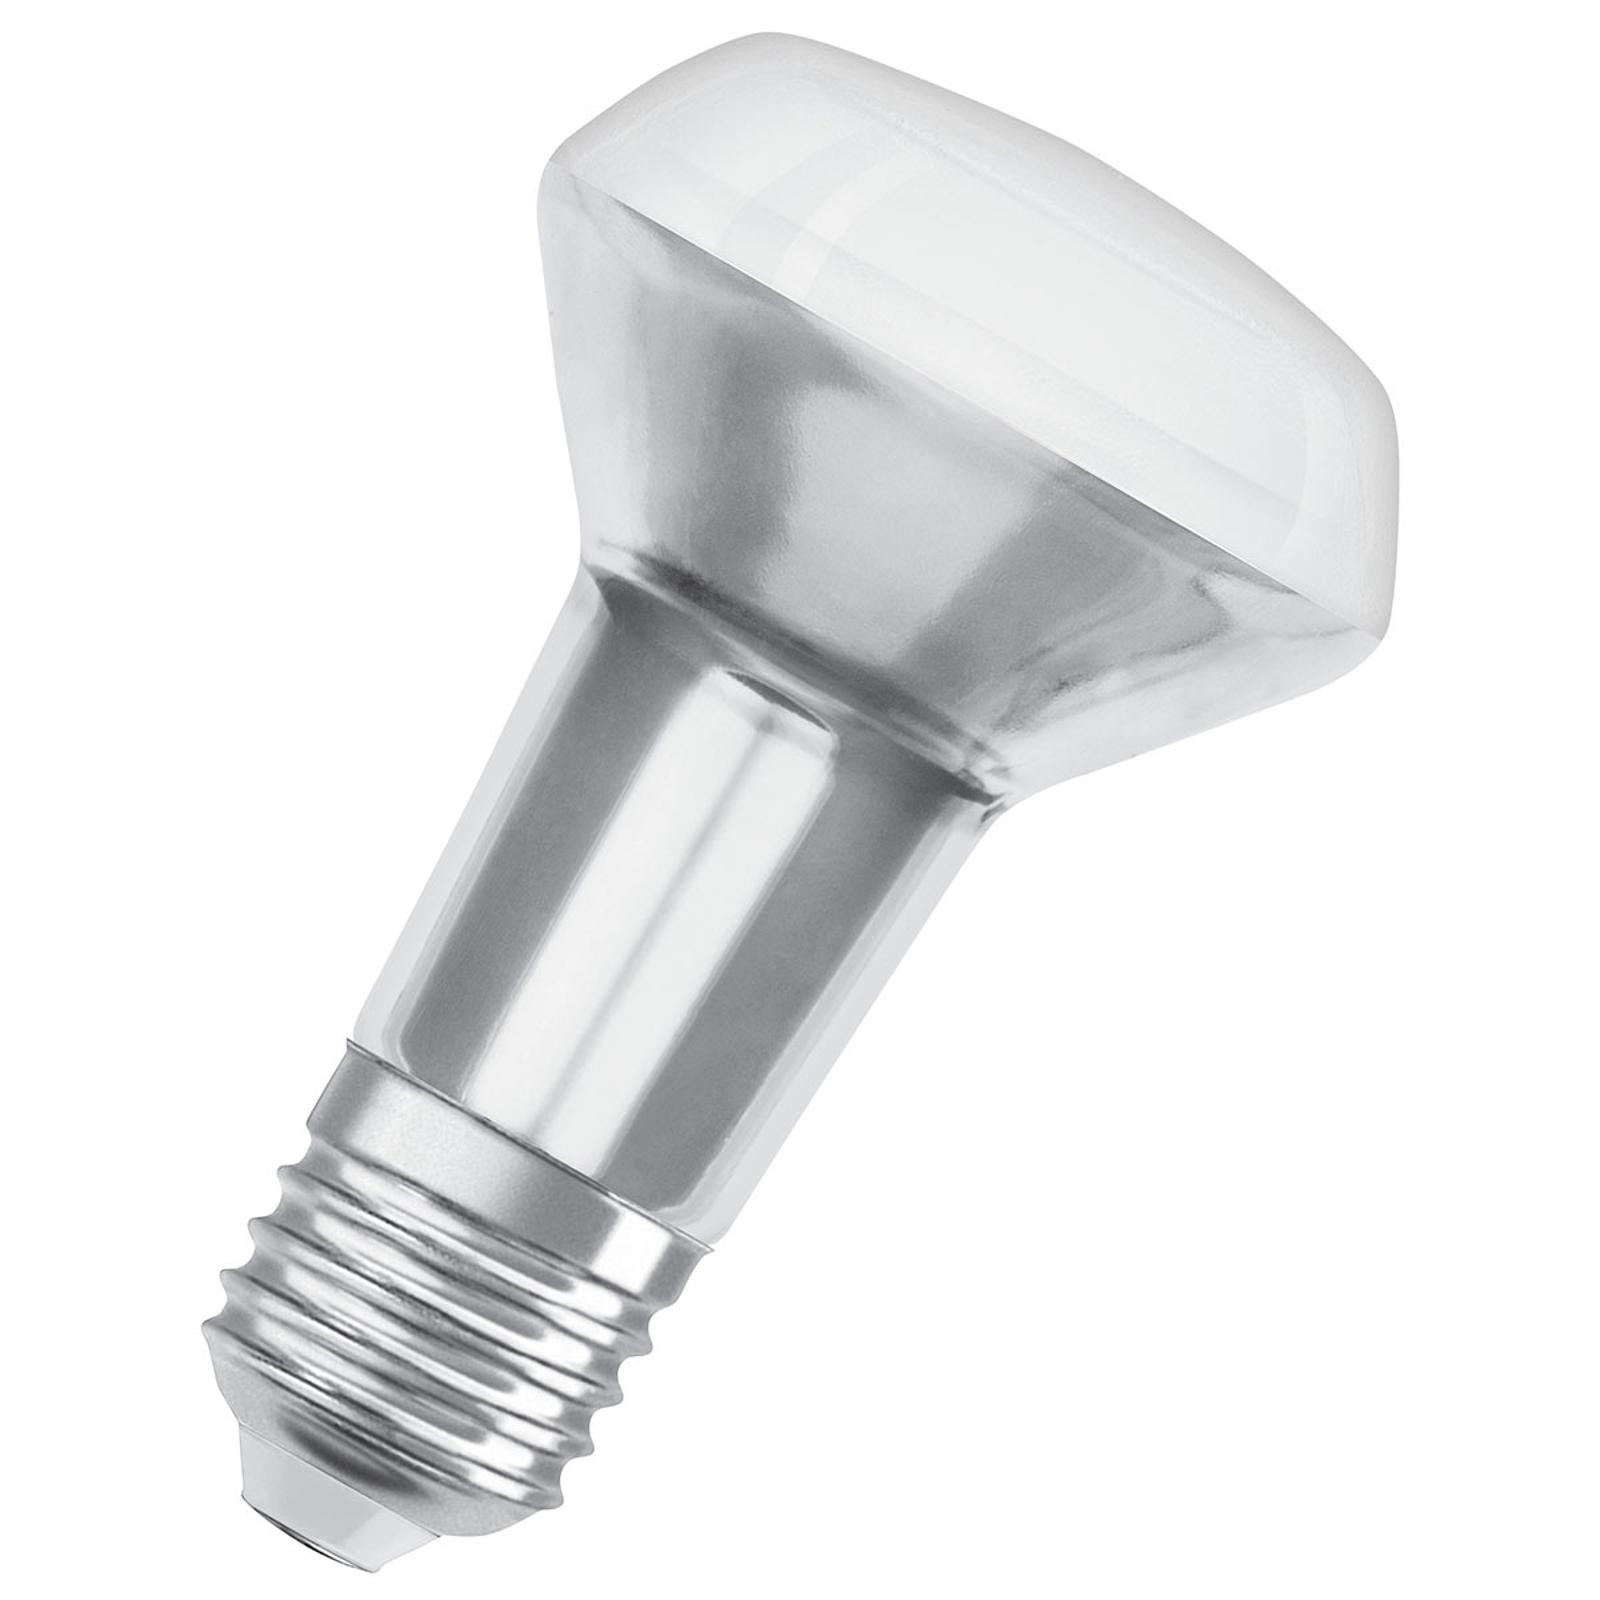 OSRAM R63 E27 LED-Reflektor 827 4,3W 345 Lumen